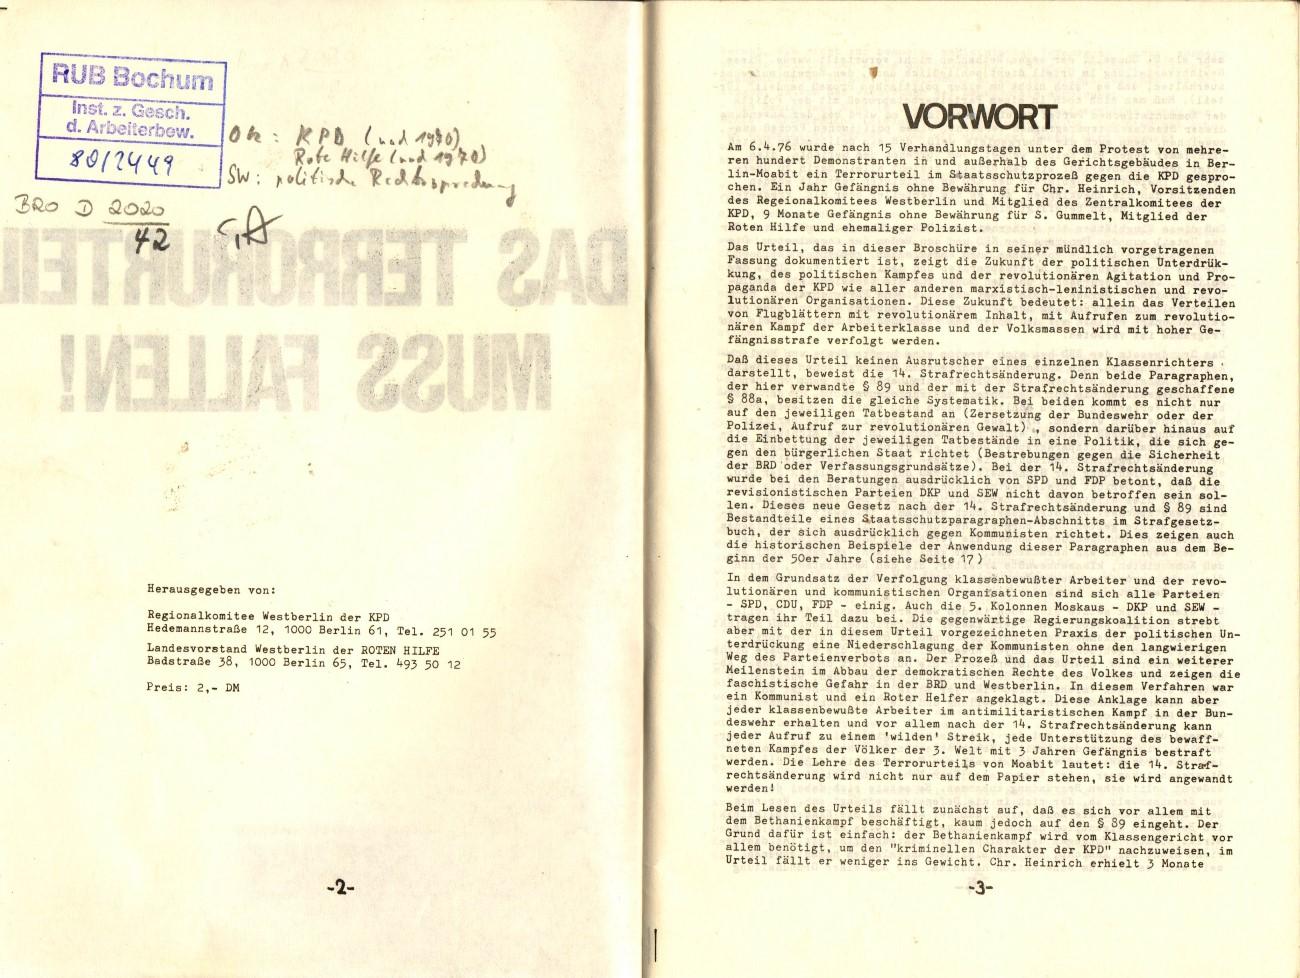 Berlin_KPD_1976_Staatsschutzprozess02_03